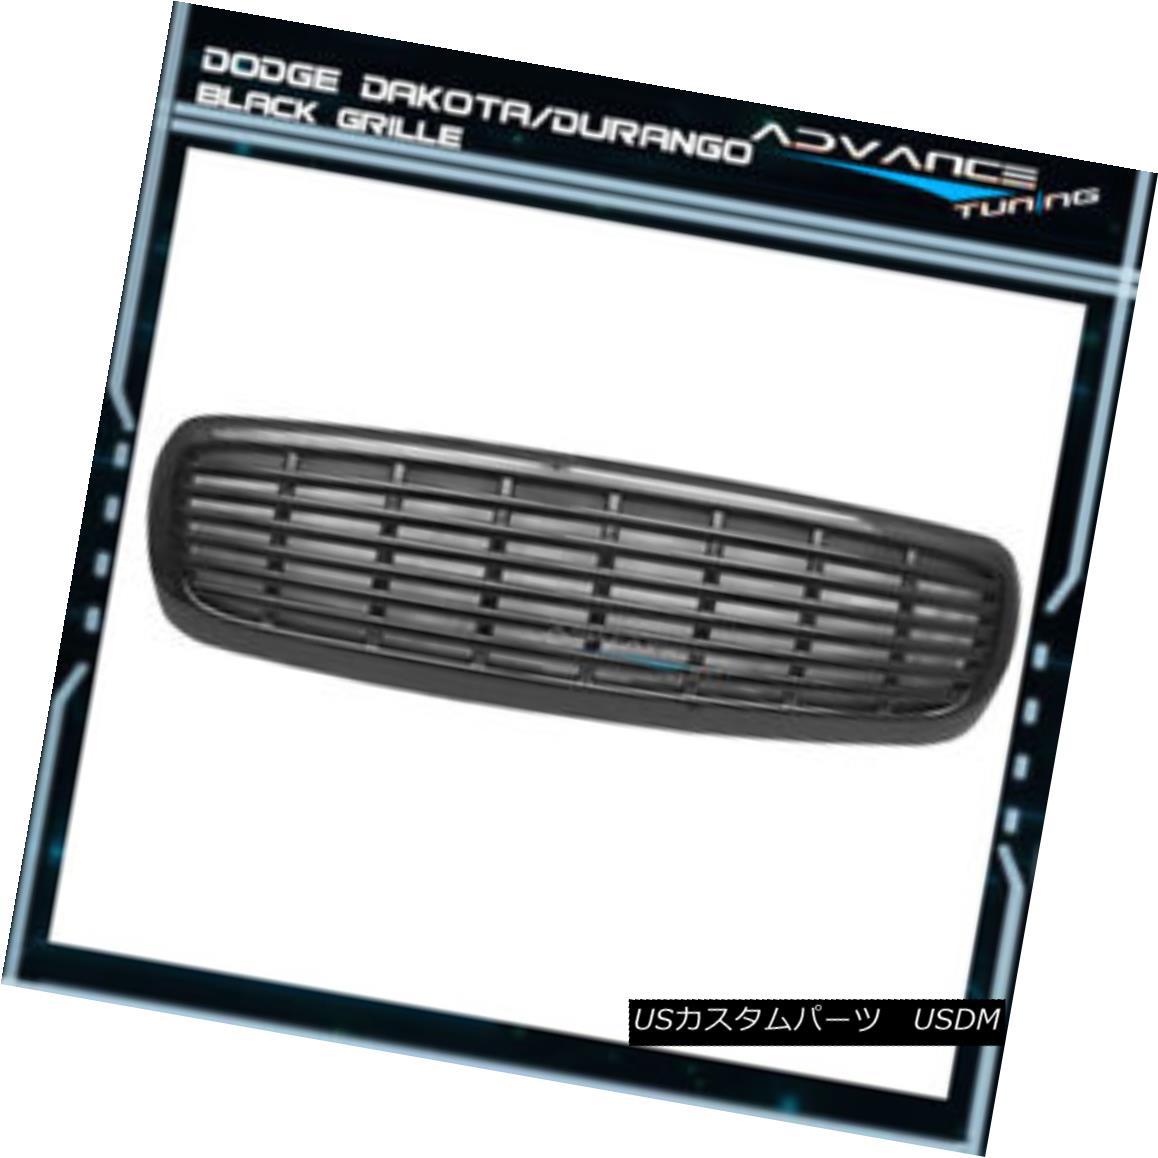 グリル For 97-03 Dakota Durango Sports Style Front Hood Grill Grille Unpainted - ABS 97-03 Dakota Durangoスポーツスタイルフロントフードグリルグリル無塗装 - ABS